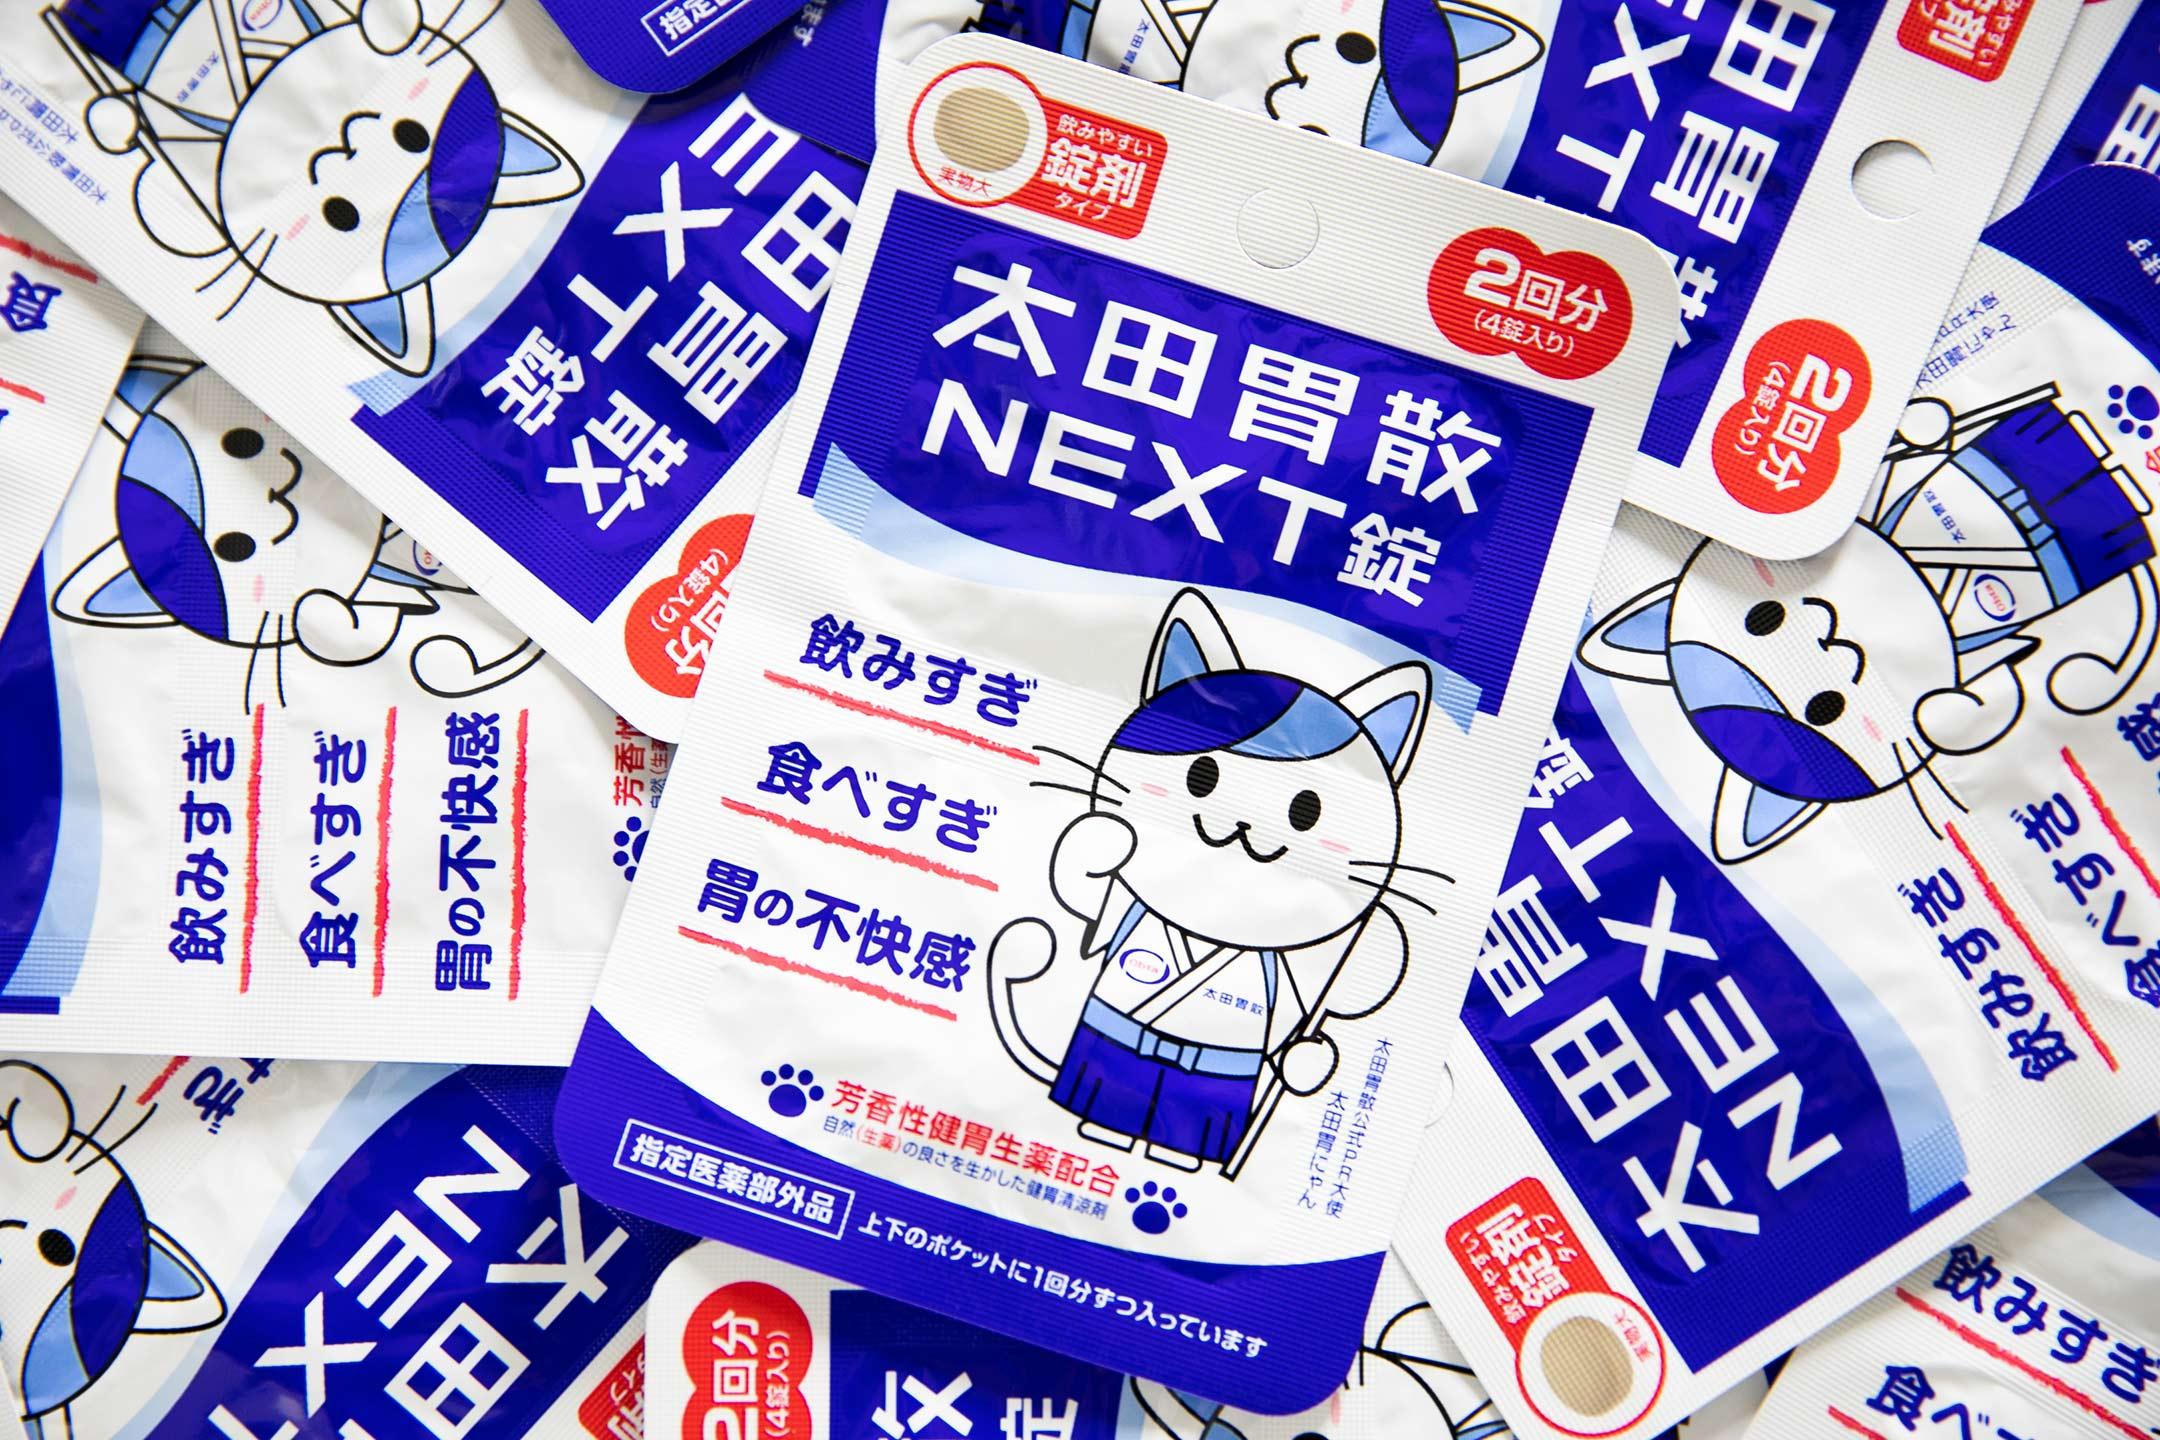 太田胃散NEXT錠1